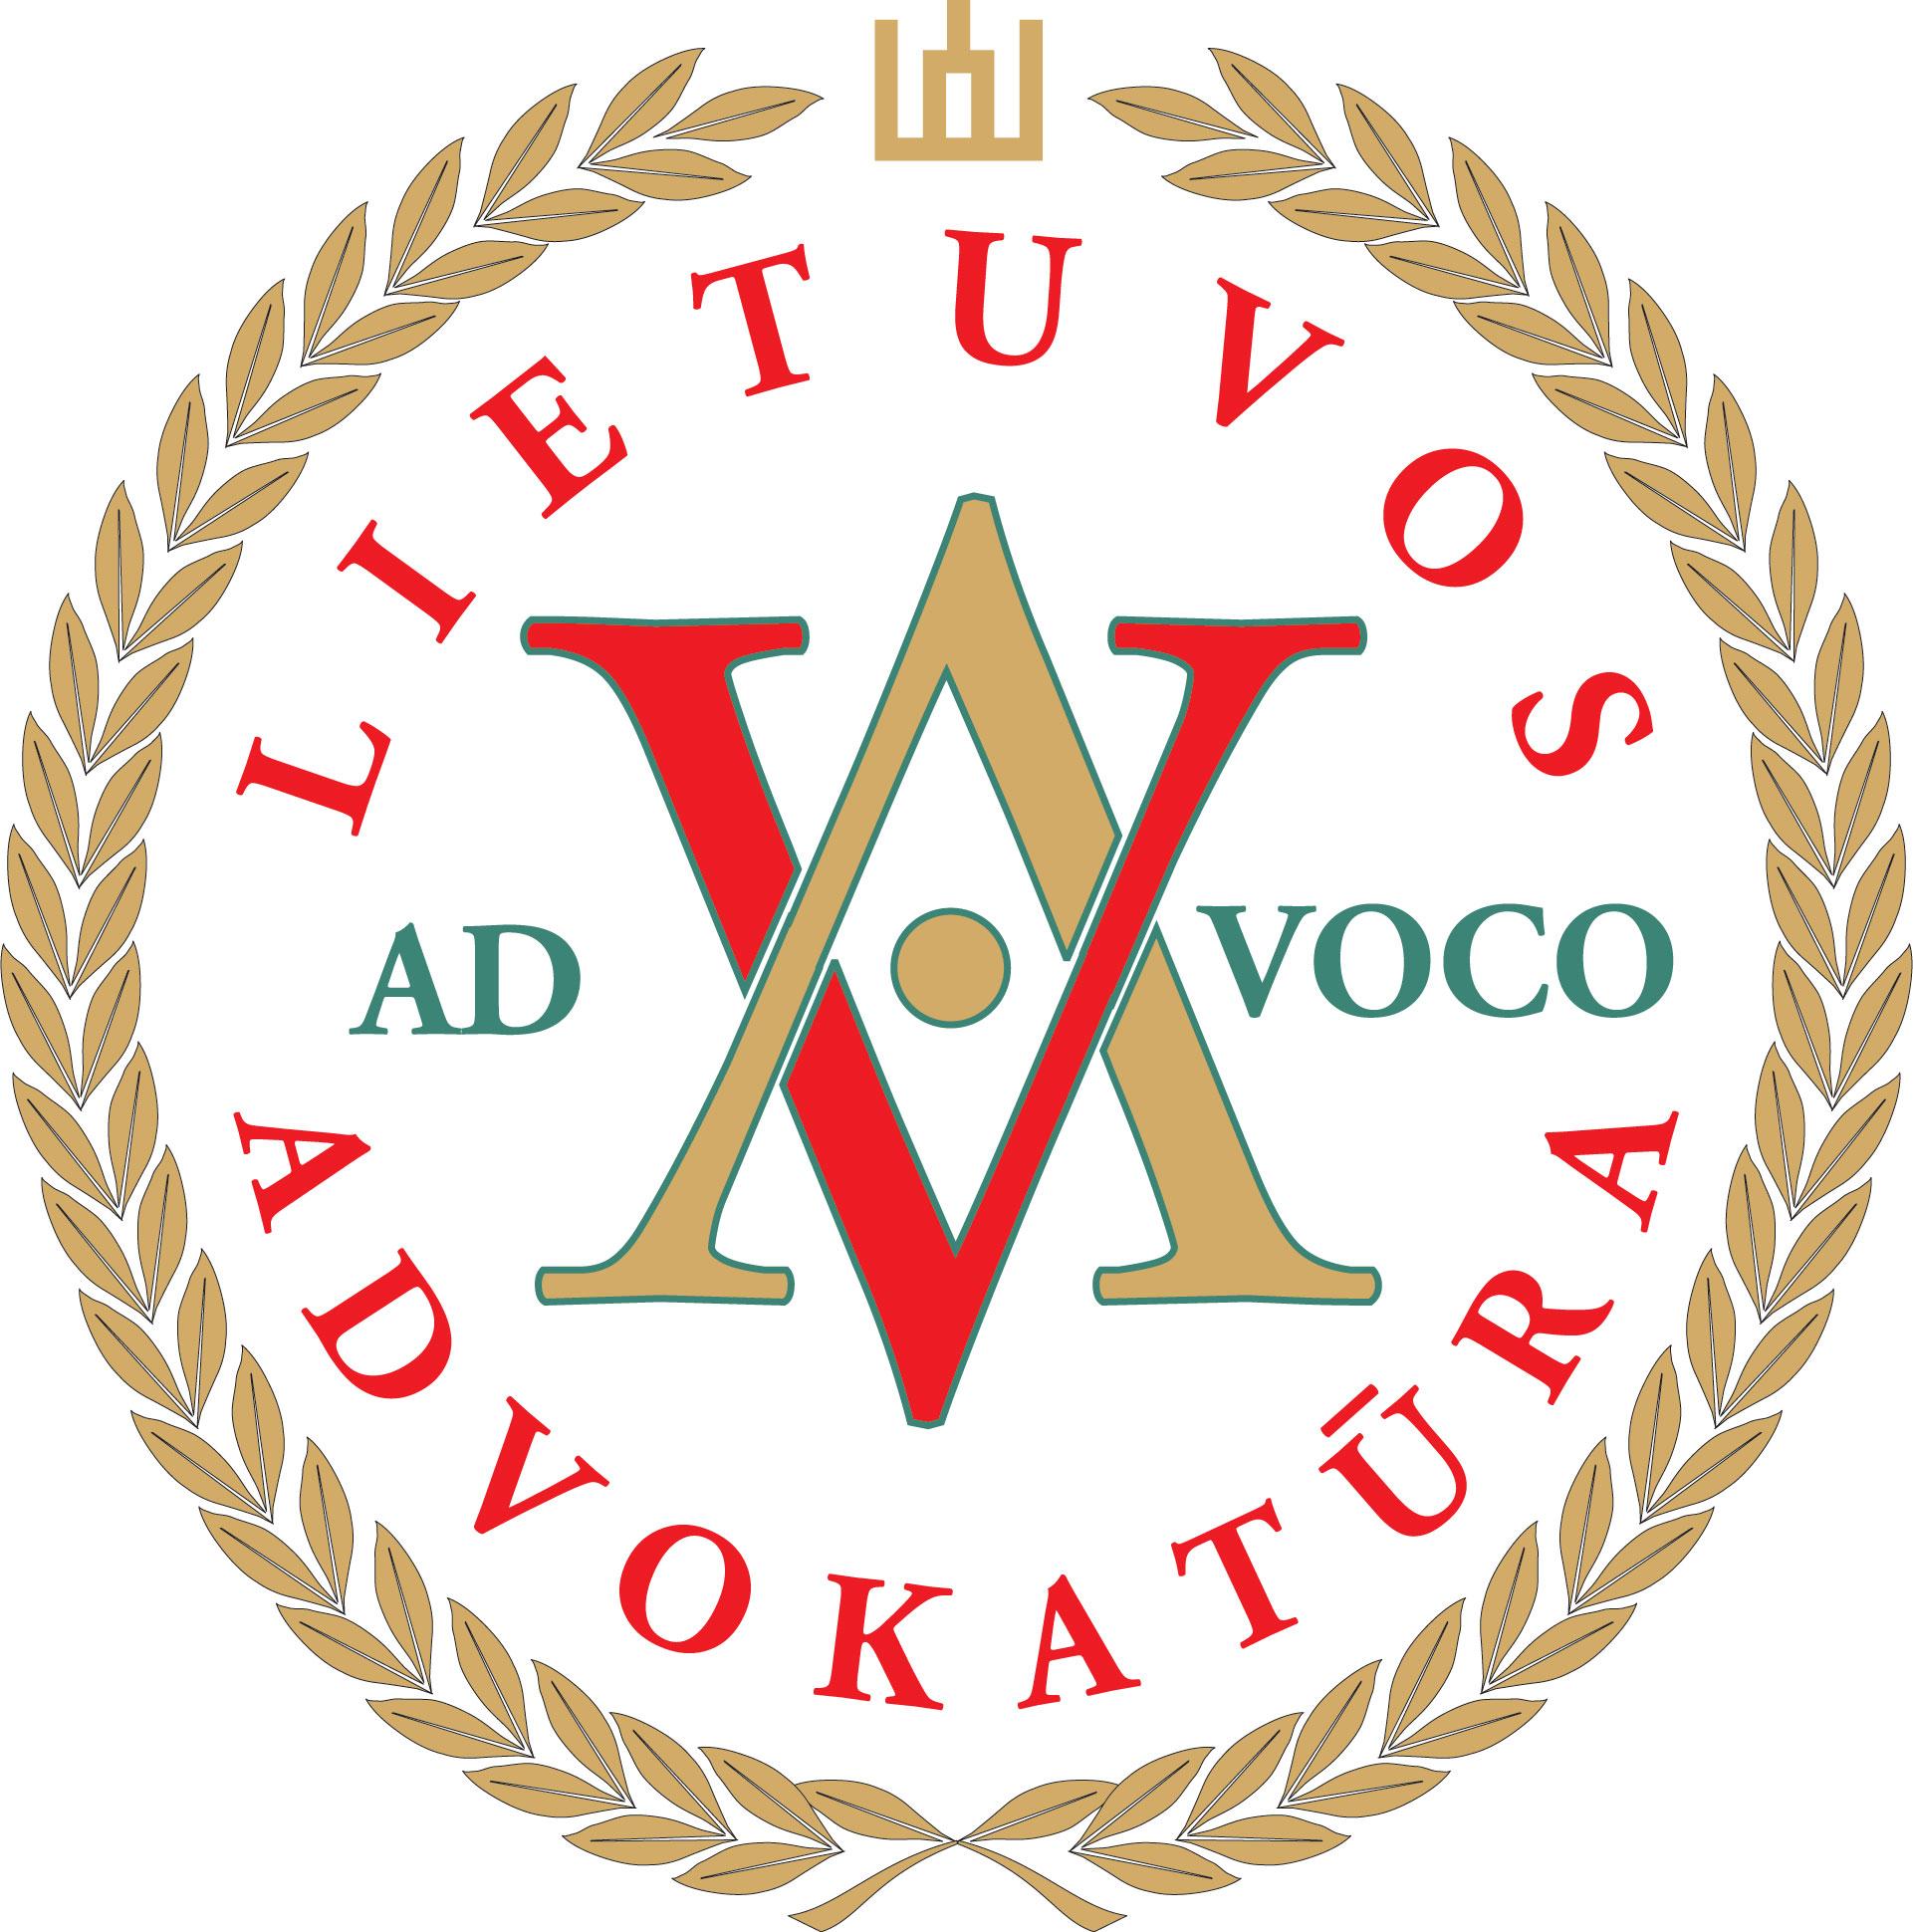 Lietuvos Advokatūra